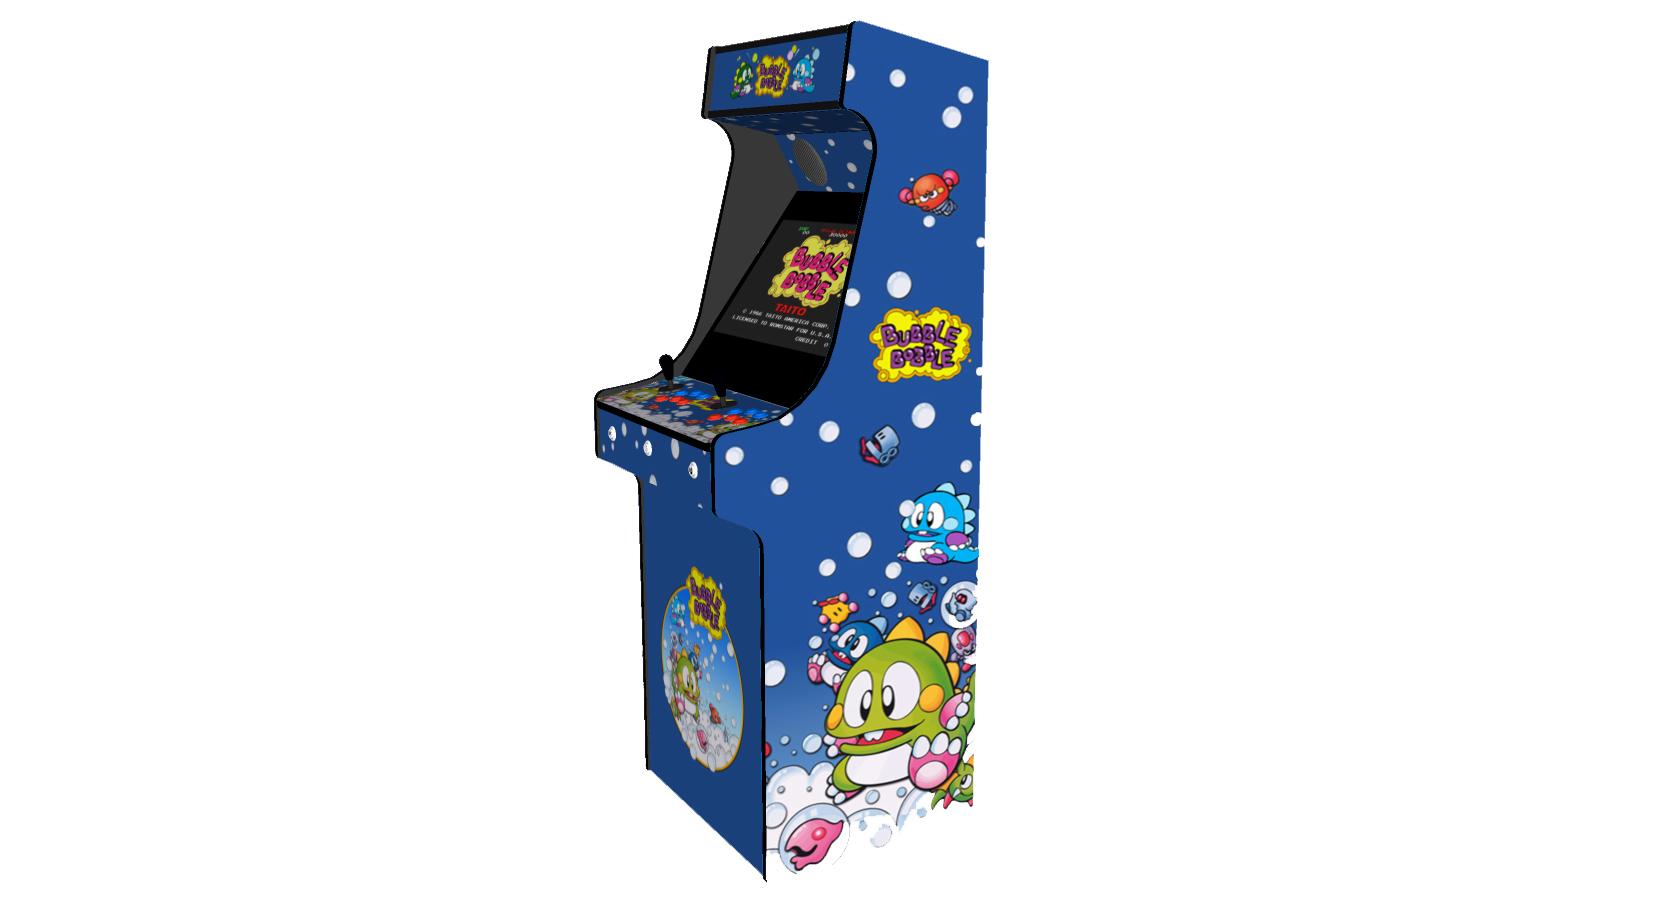 Classic Upright Arcade Machine - Bubble Bobble Theme - Right